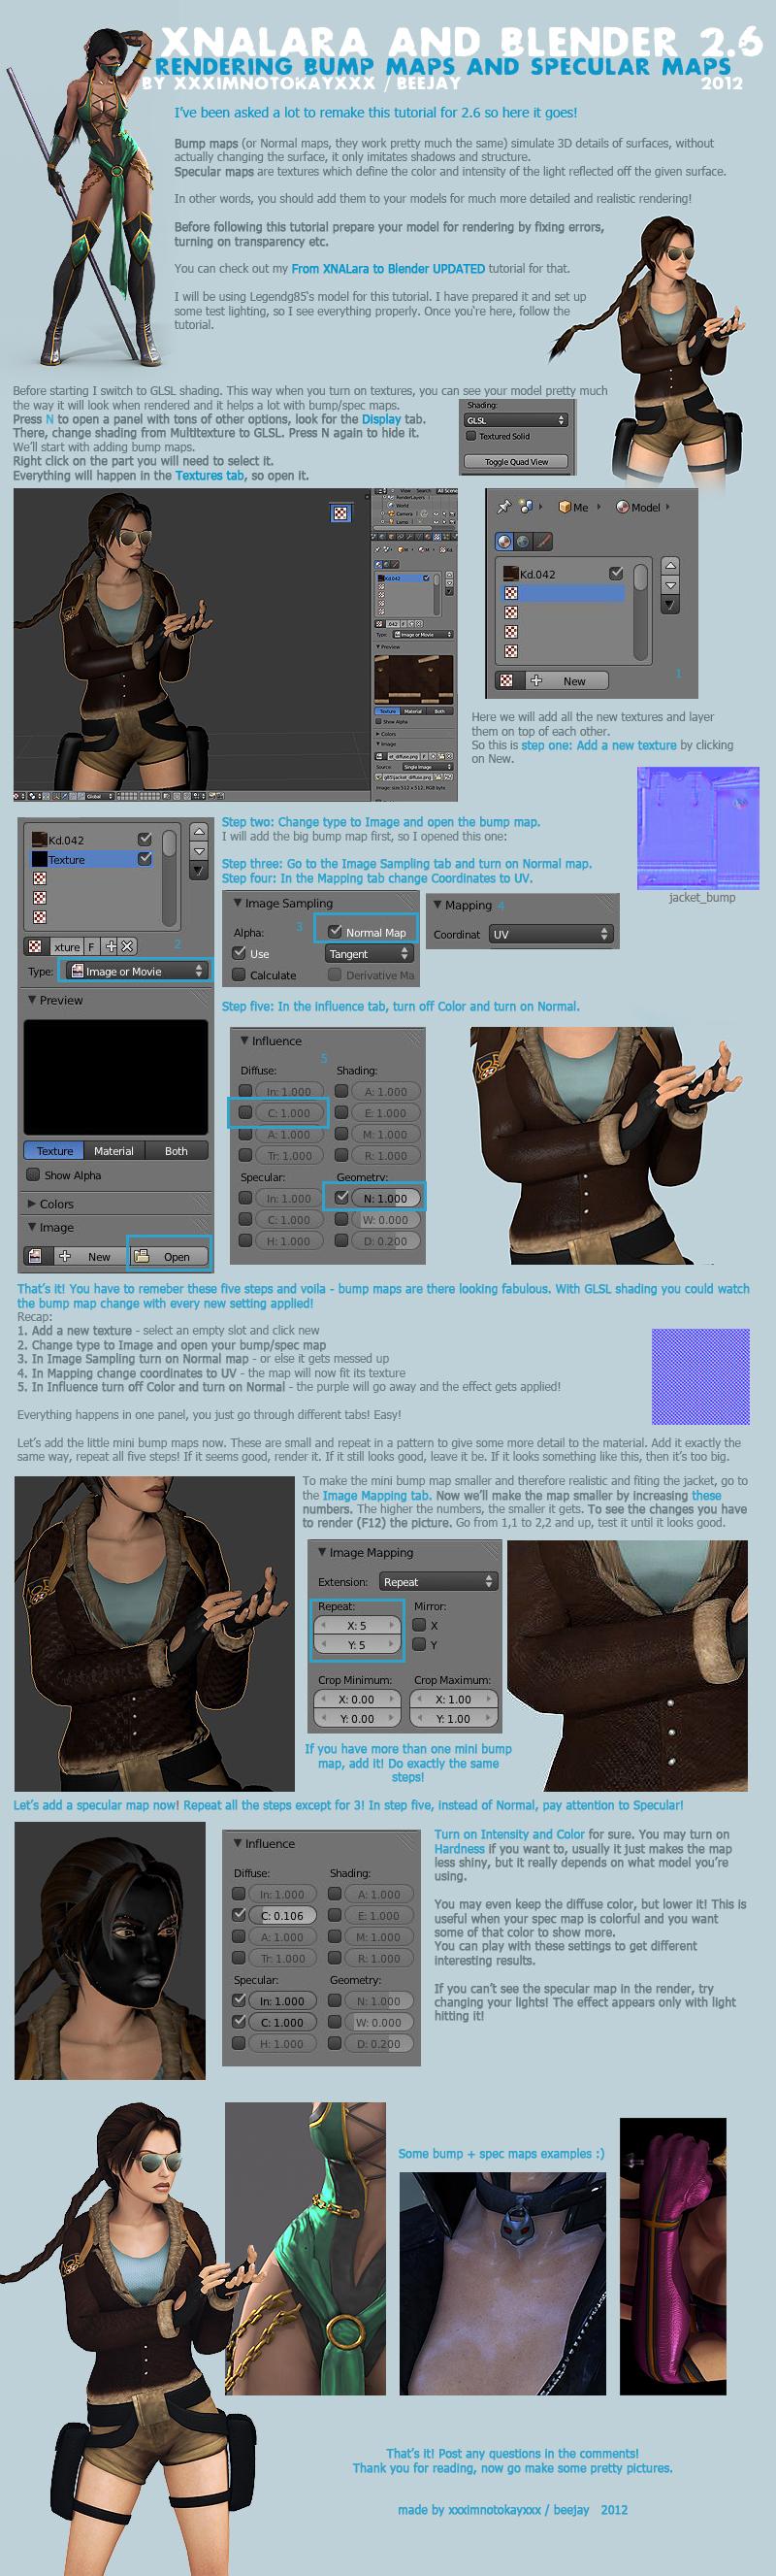 Blender 2.63 rendering - bump and specular maps by xXxImNotOkayxXx